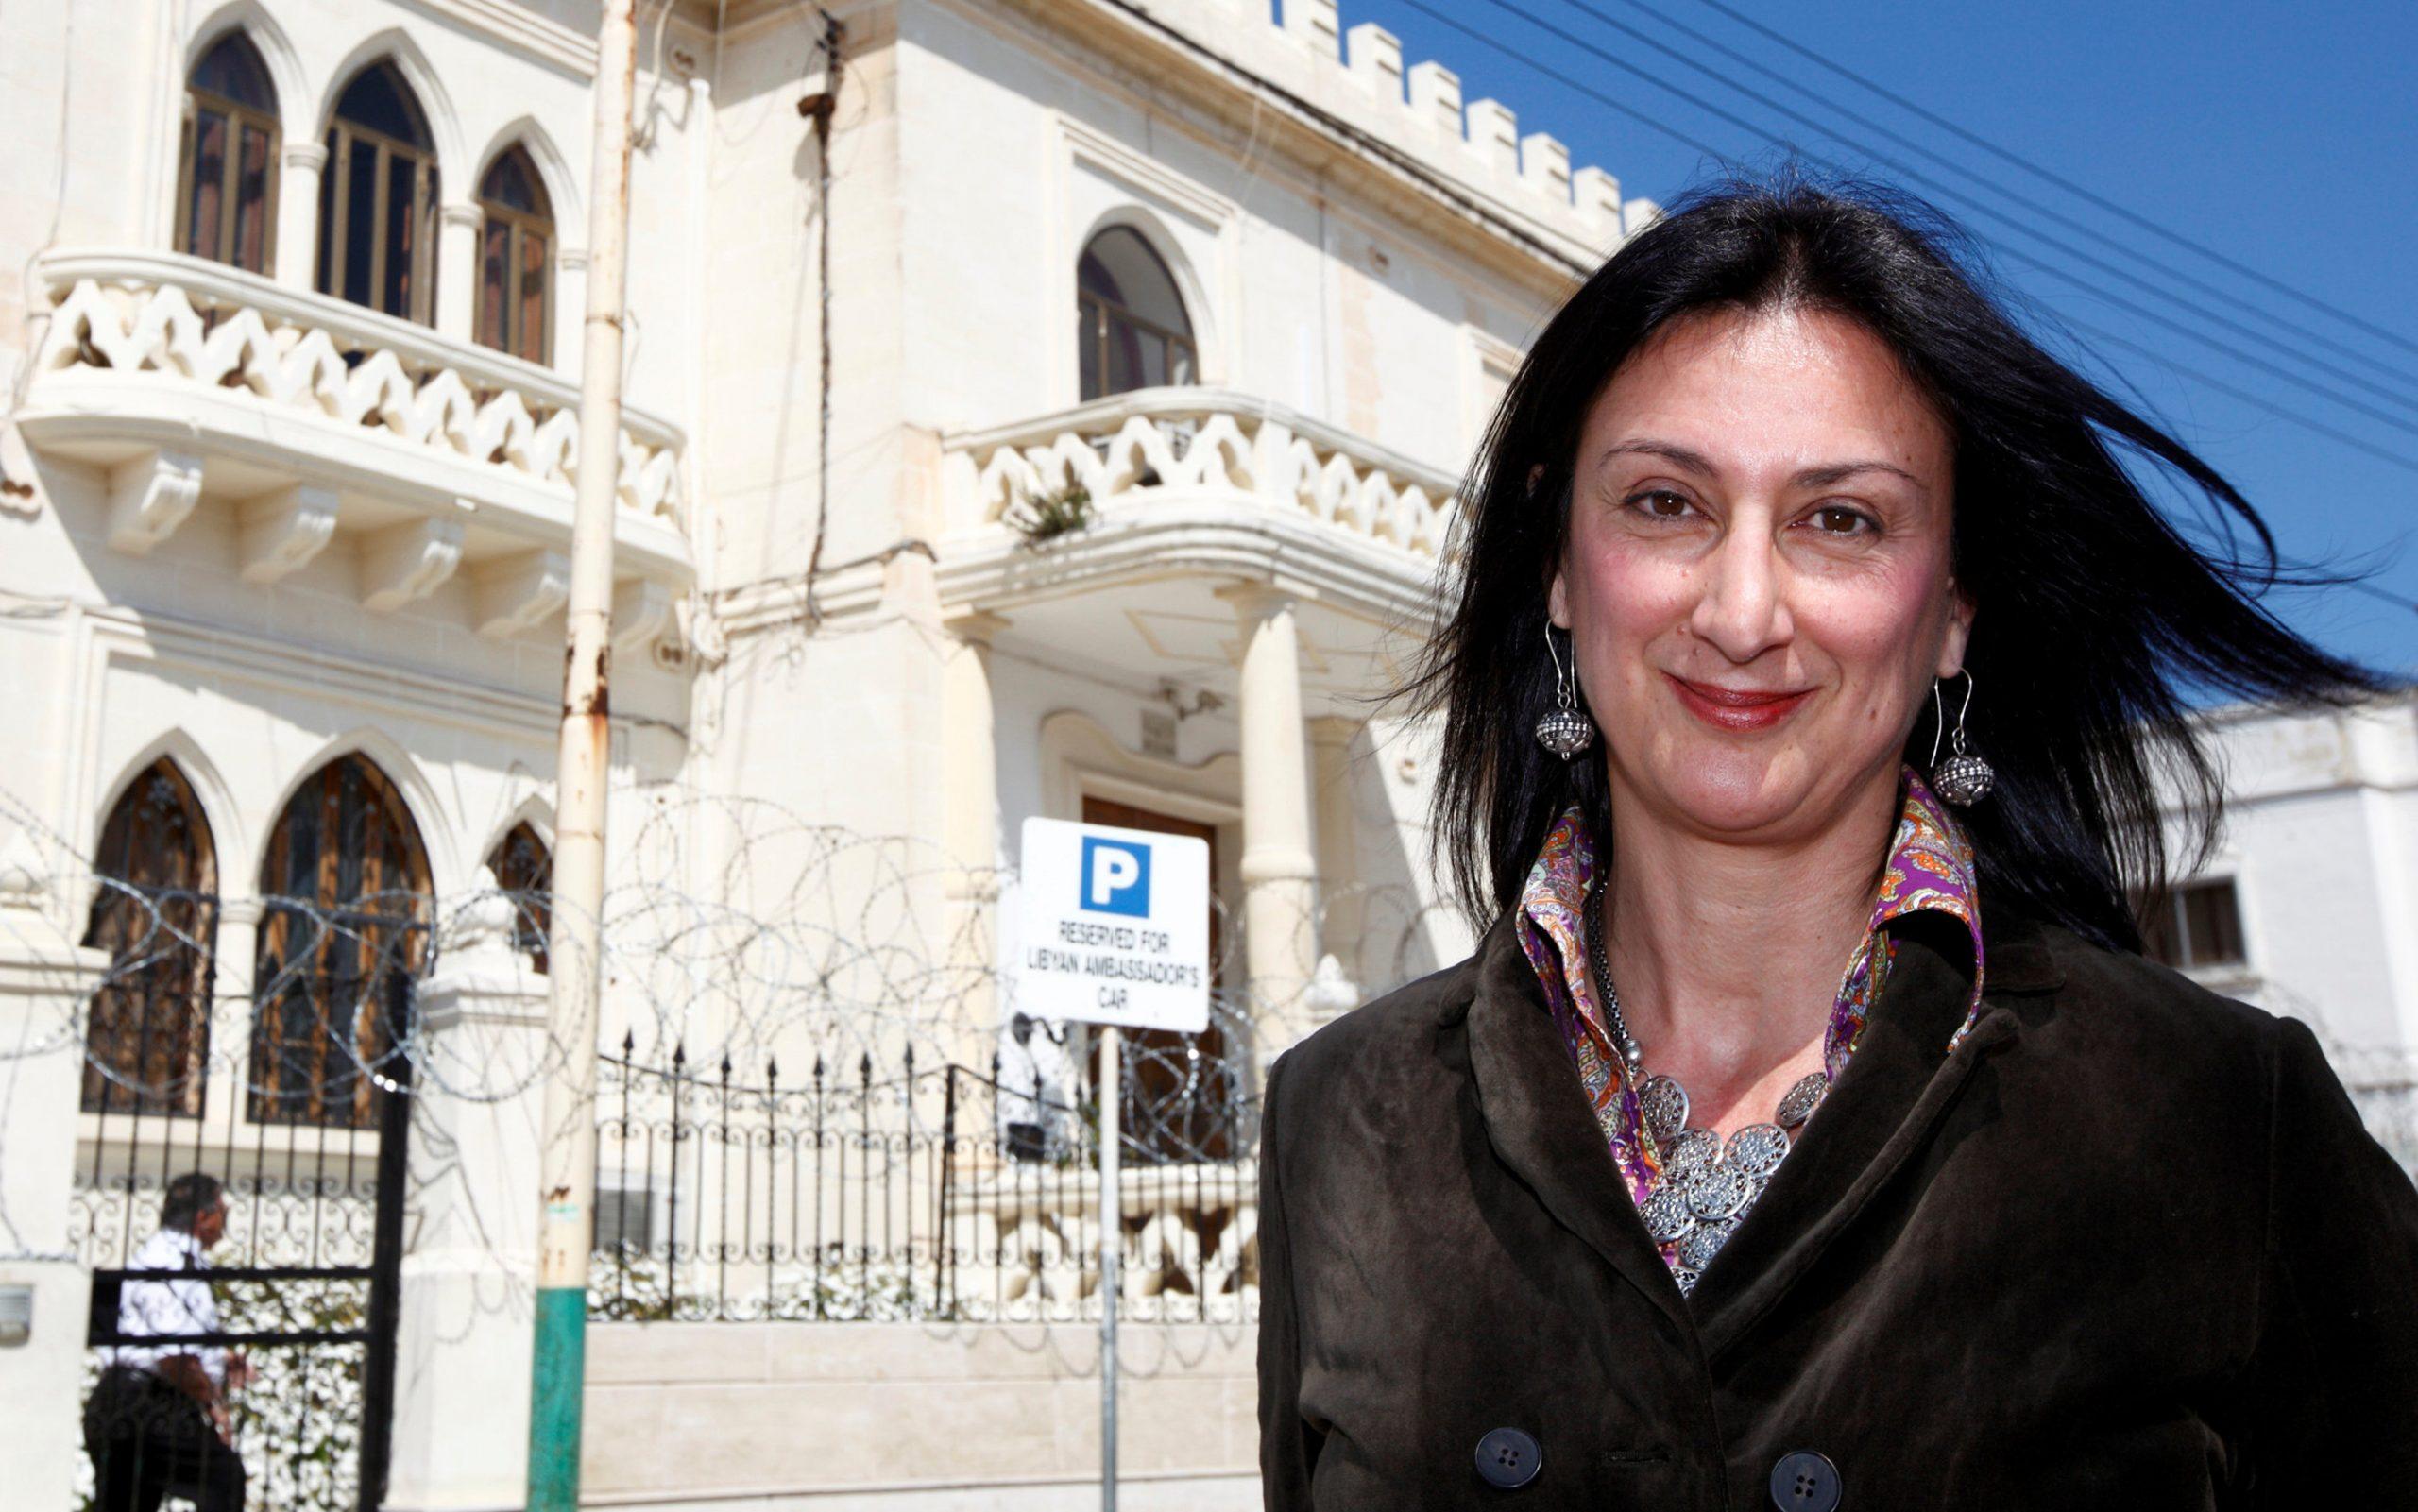 Malta, «Daphne Caruana fu uccisa dallo Stato». Mafia e politica contro la giornalista